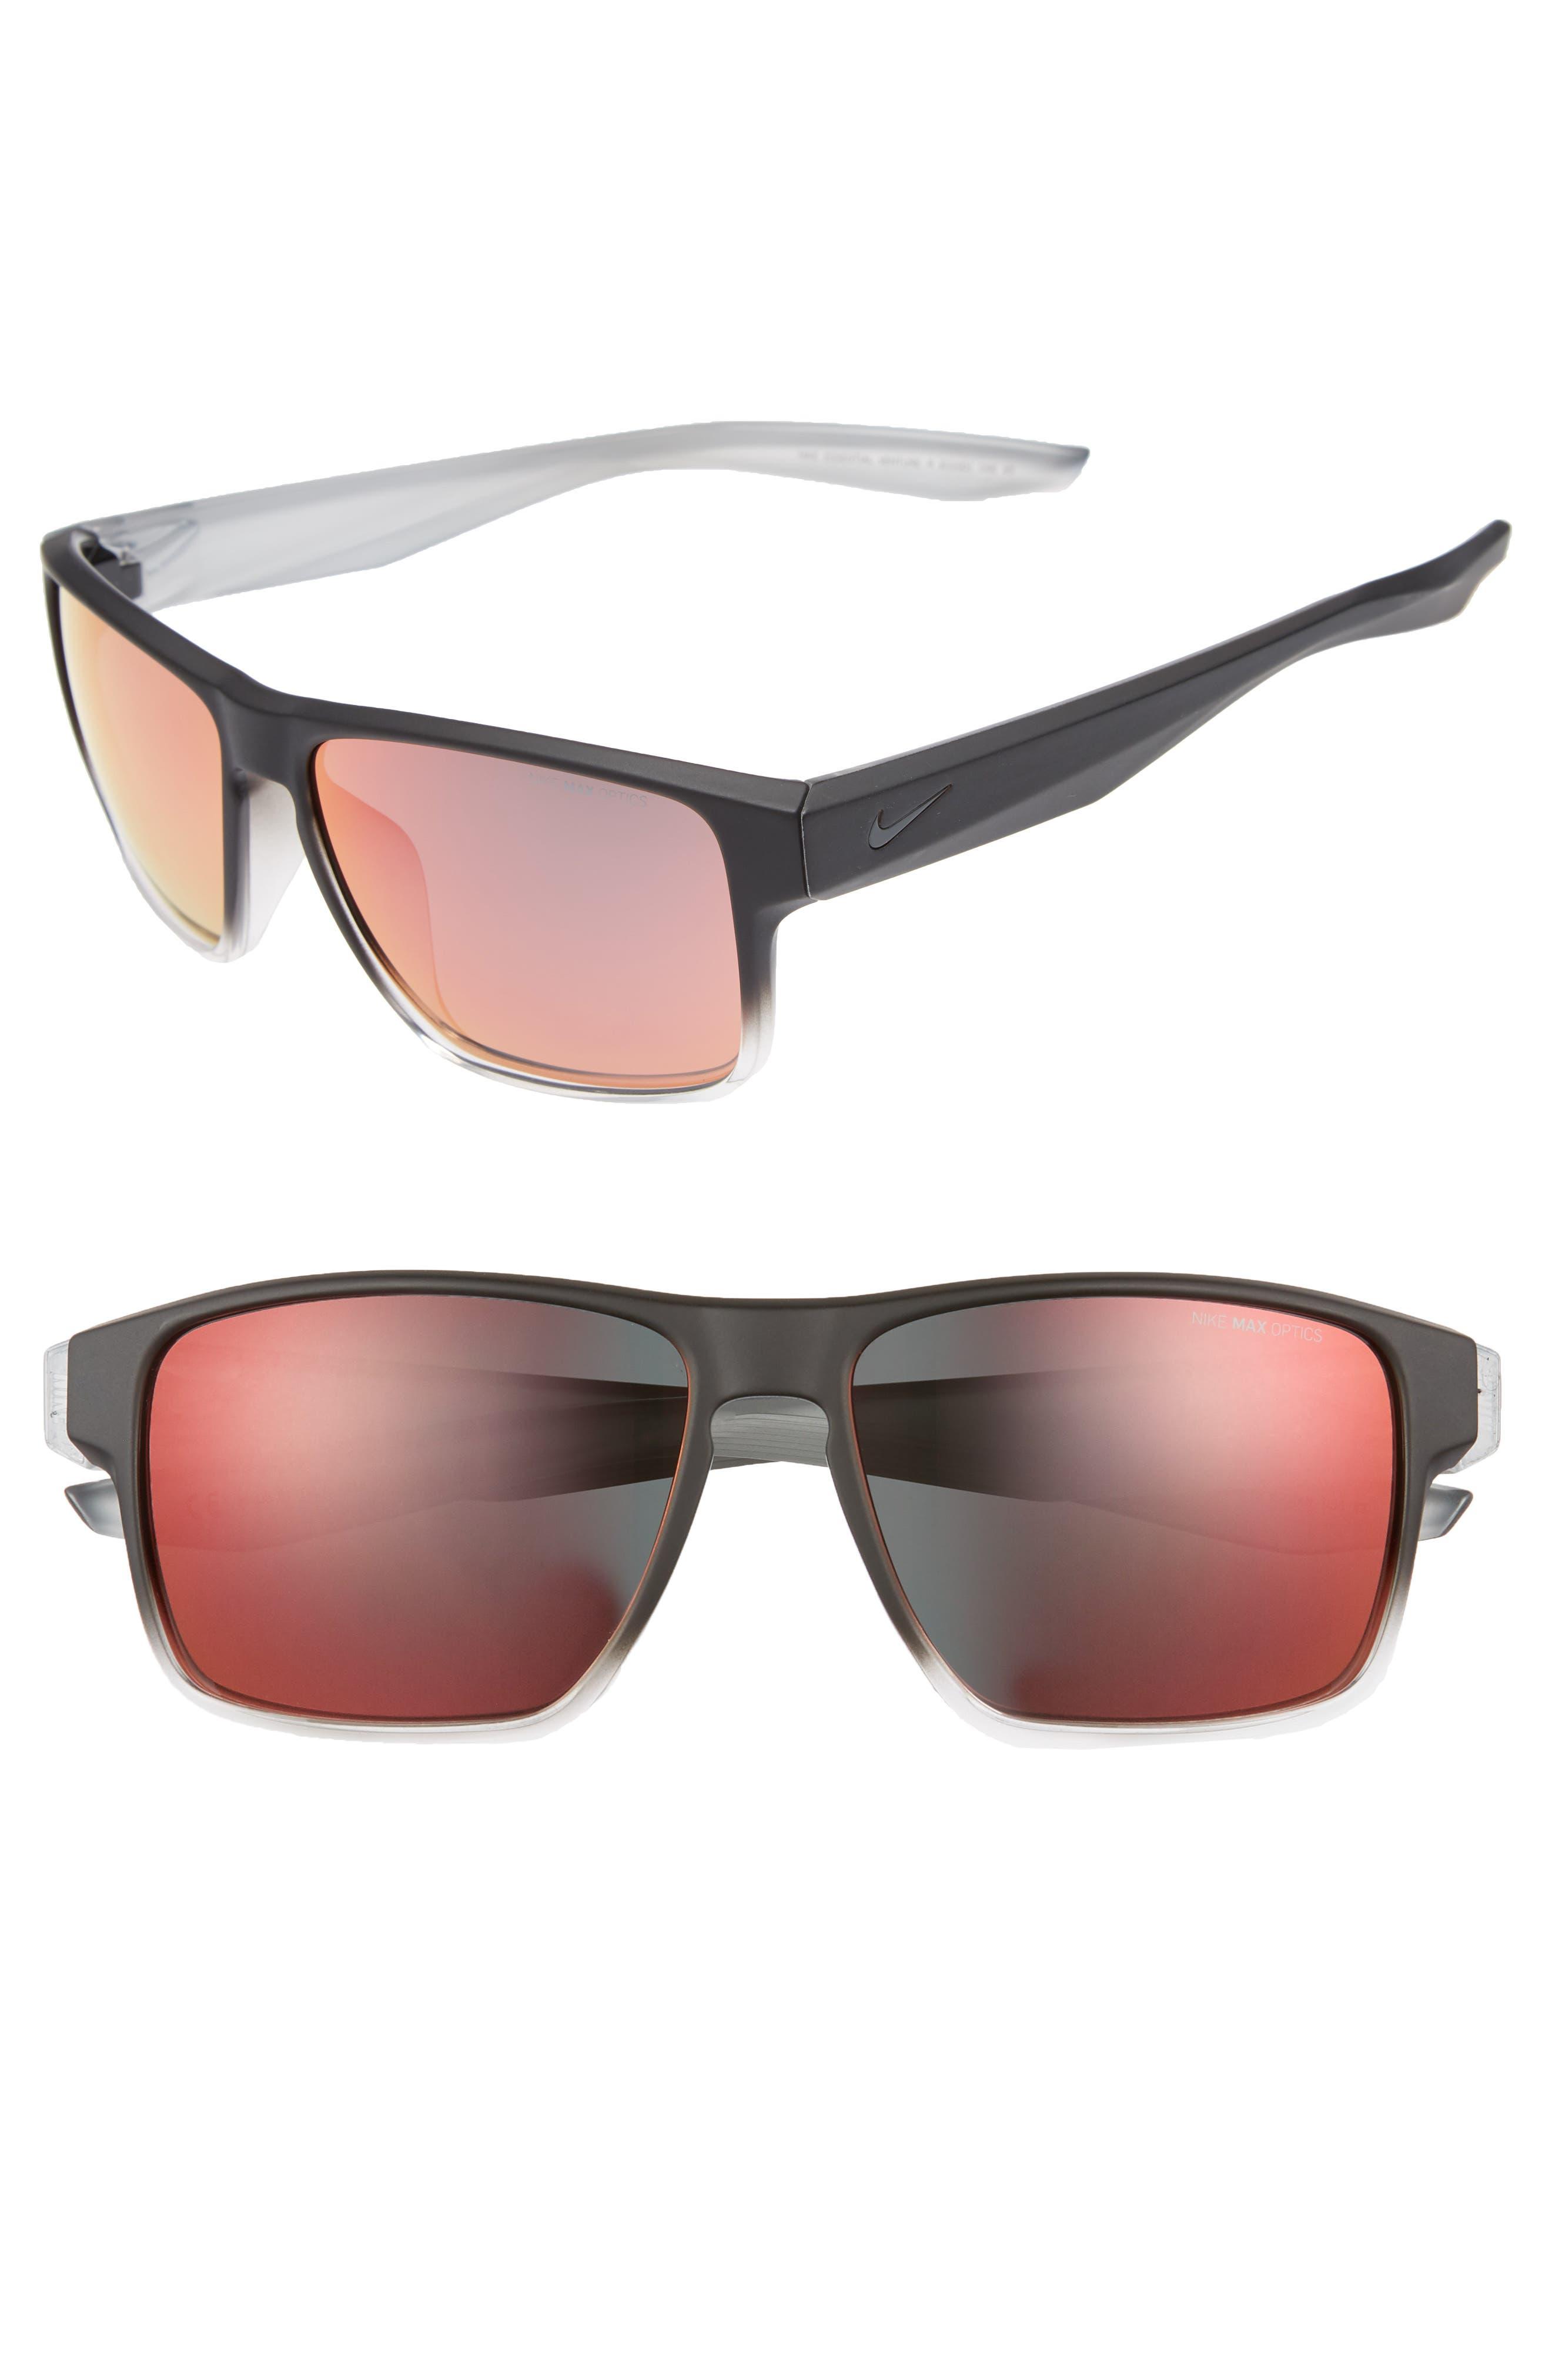 Nike Essential Venture R 5m Sunglasses - Matte Black/ Amaranthine